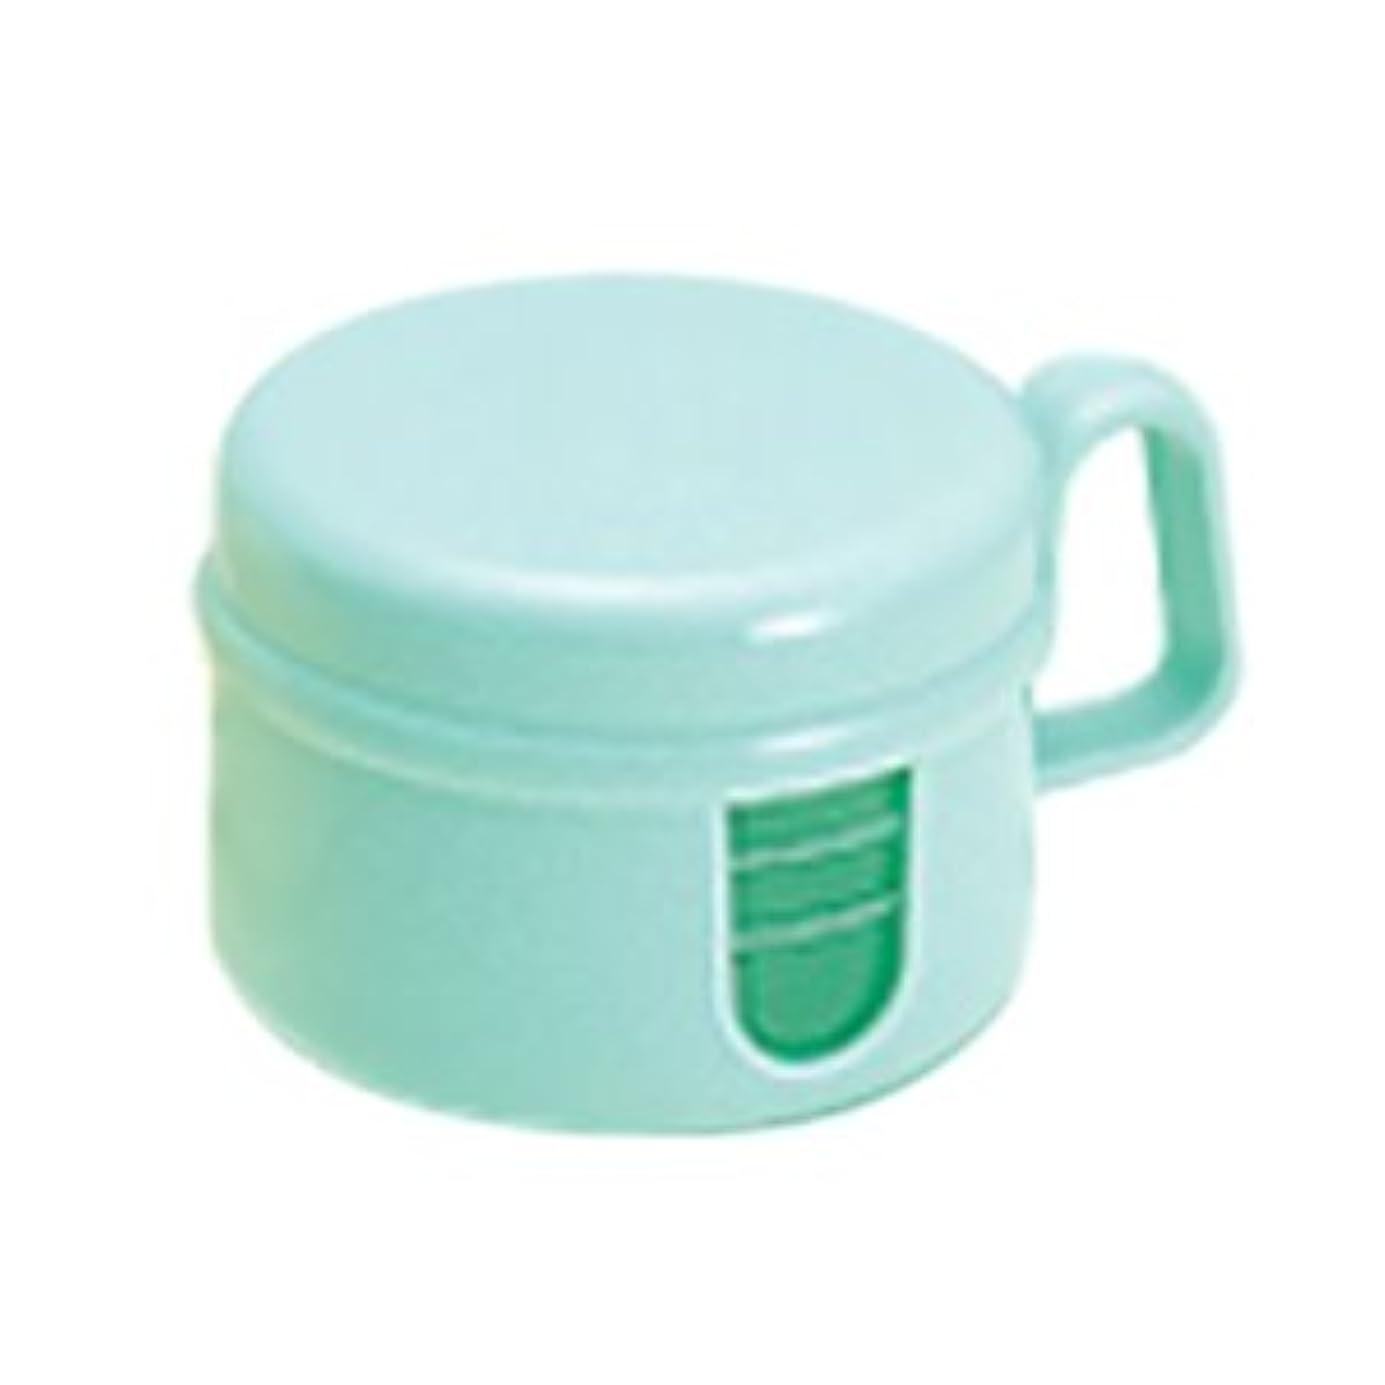 レイプ第九暖かさ松風 ピカ 入れ歯 洗浄保存容器 グリーン